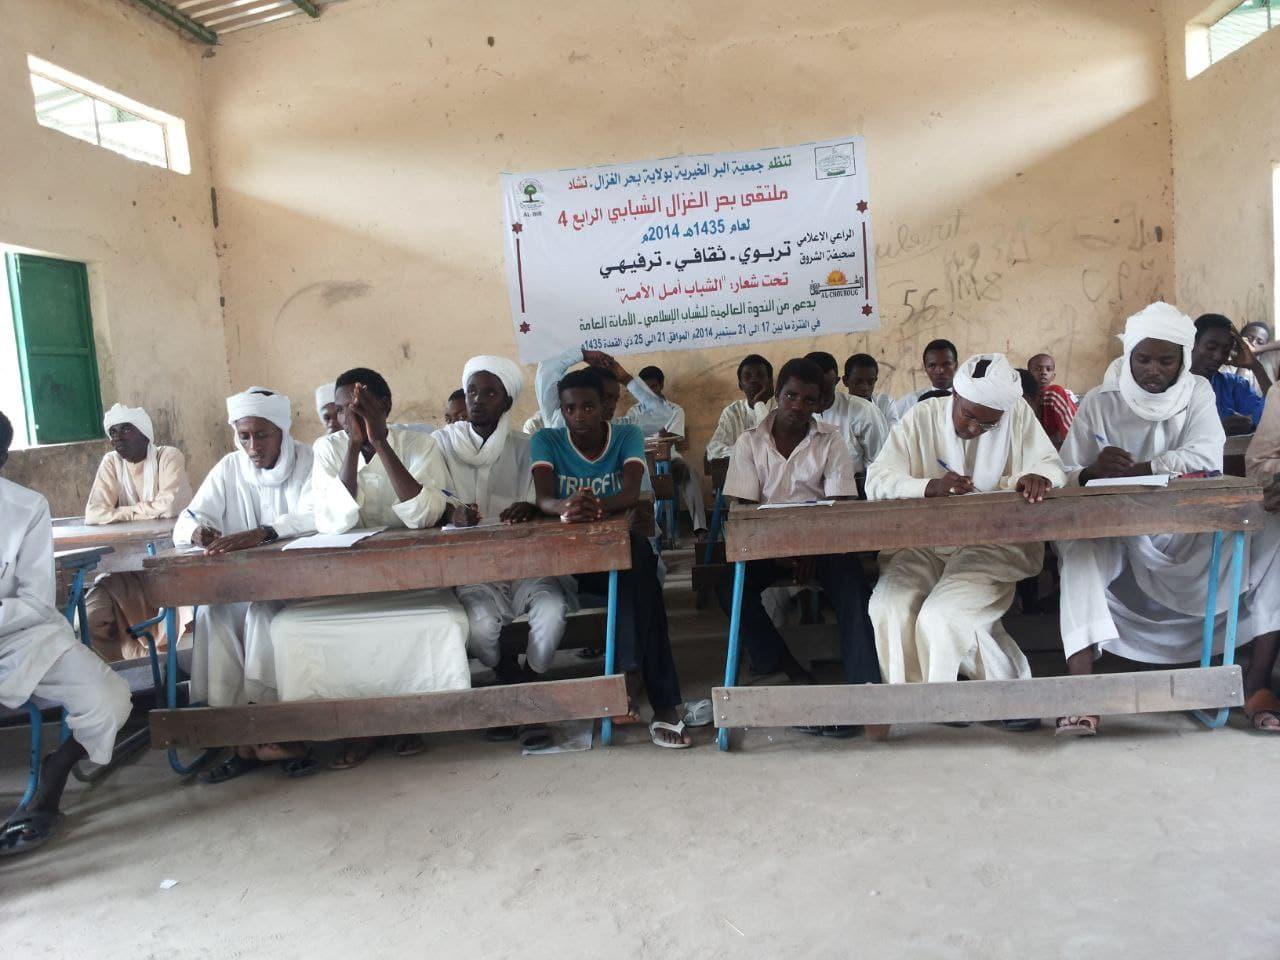 ملتقى بحر الغزال الشبابي الرابع4 تحت شعار الشباب أمل الأمة